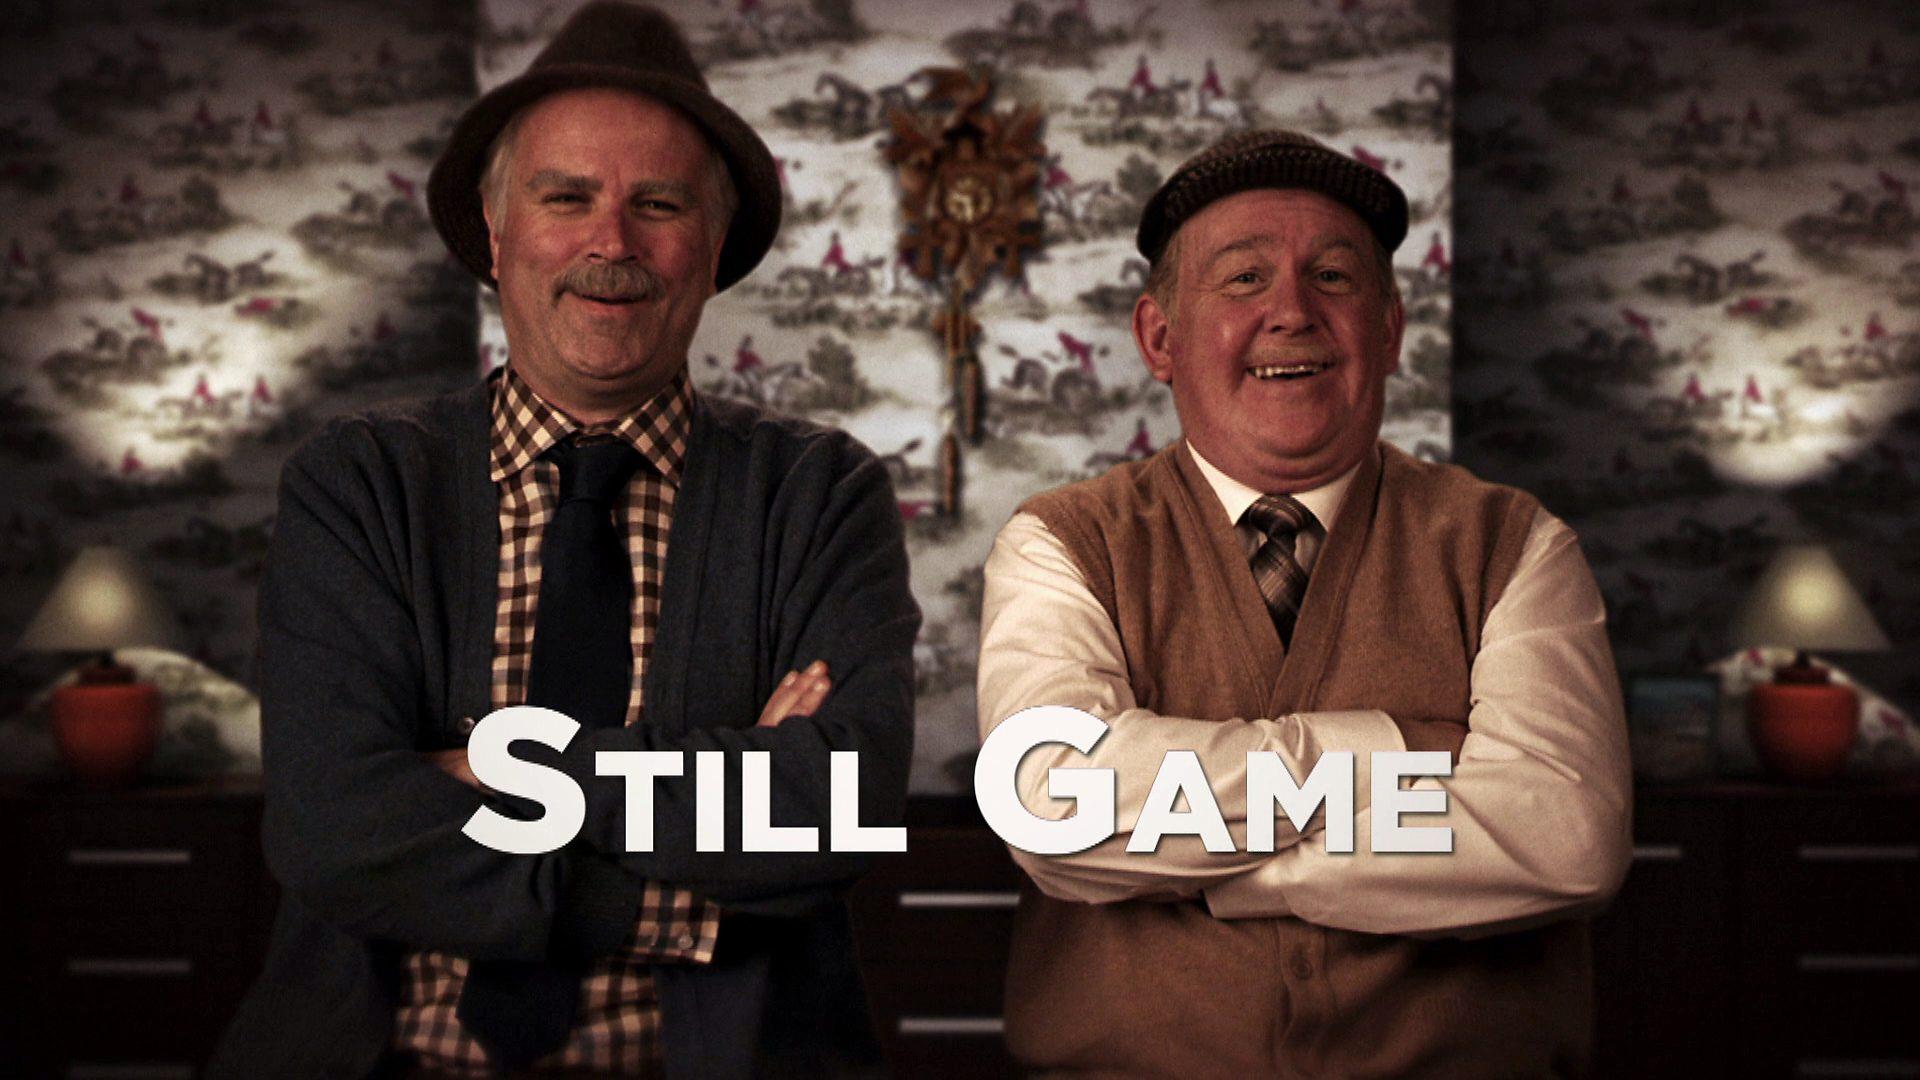 Progressive Broadcast Hire provide the camera facilities for BBC's Still Game